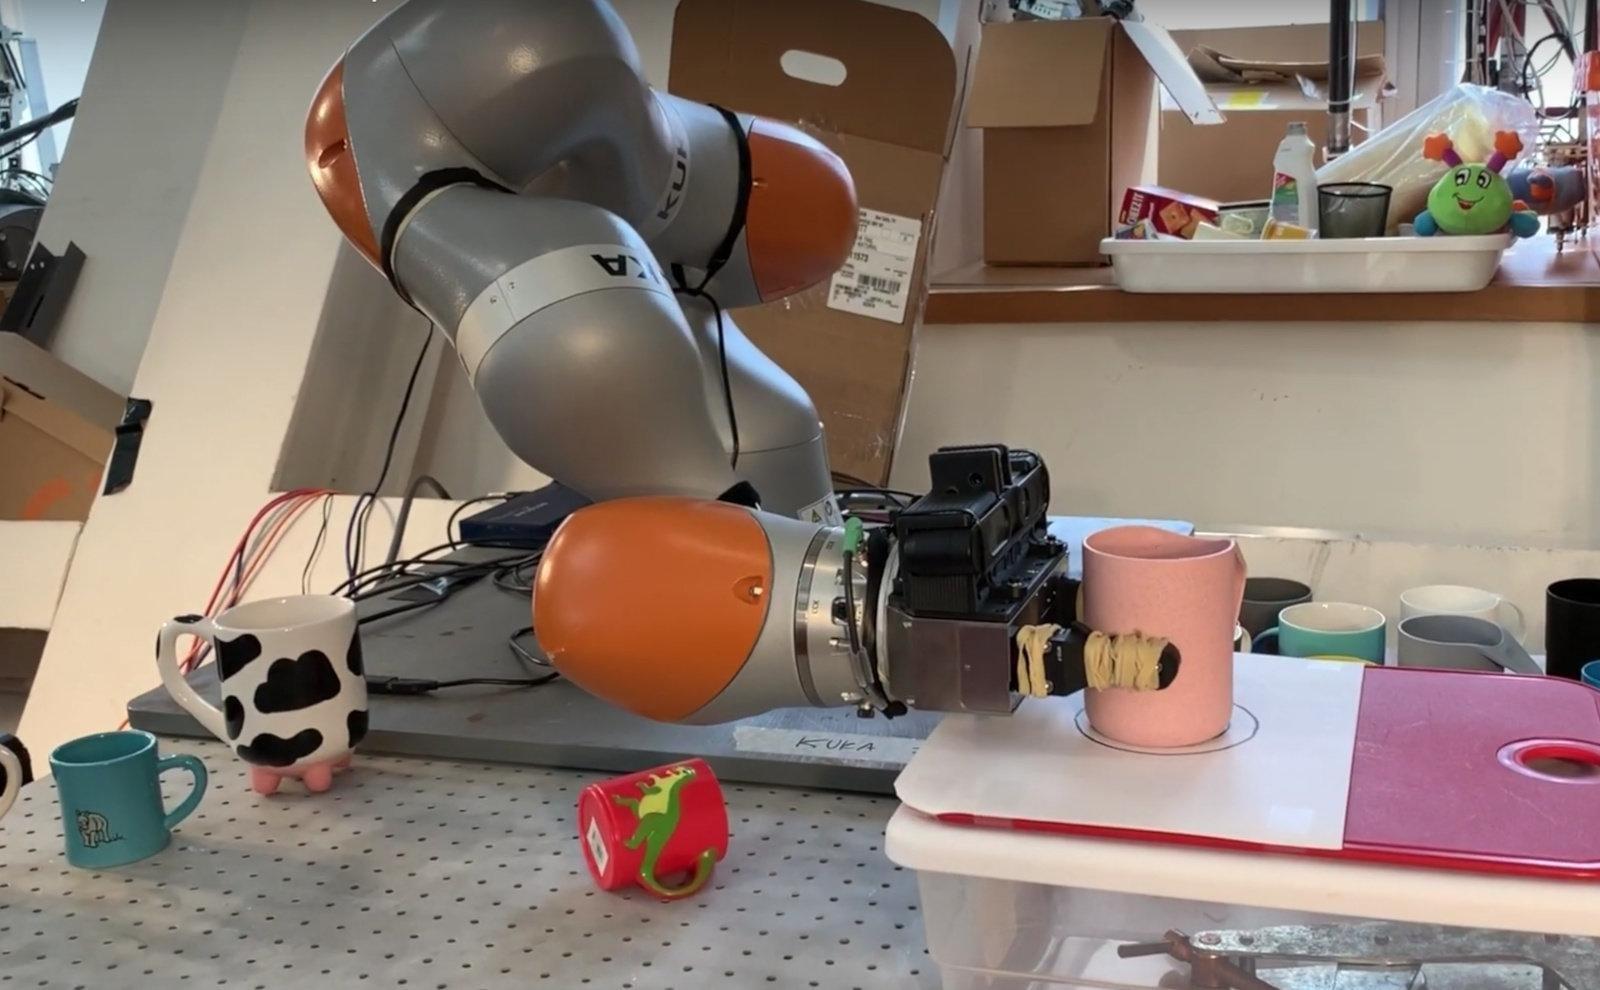 Ученые MIT создали программу, которая научит роботов обращаться с любыми объектами